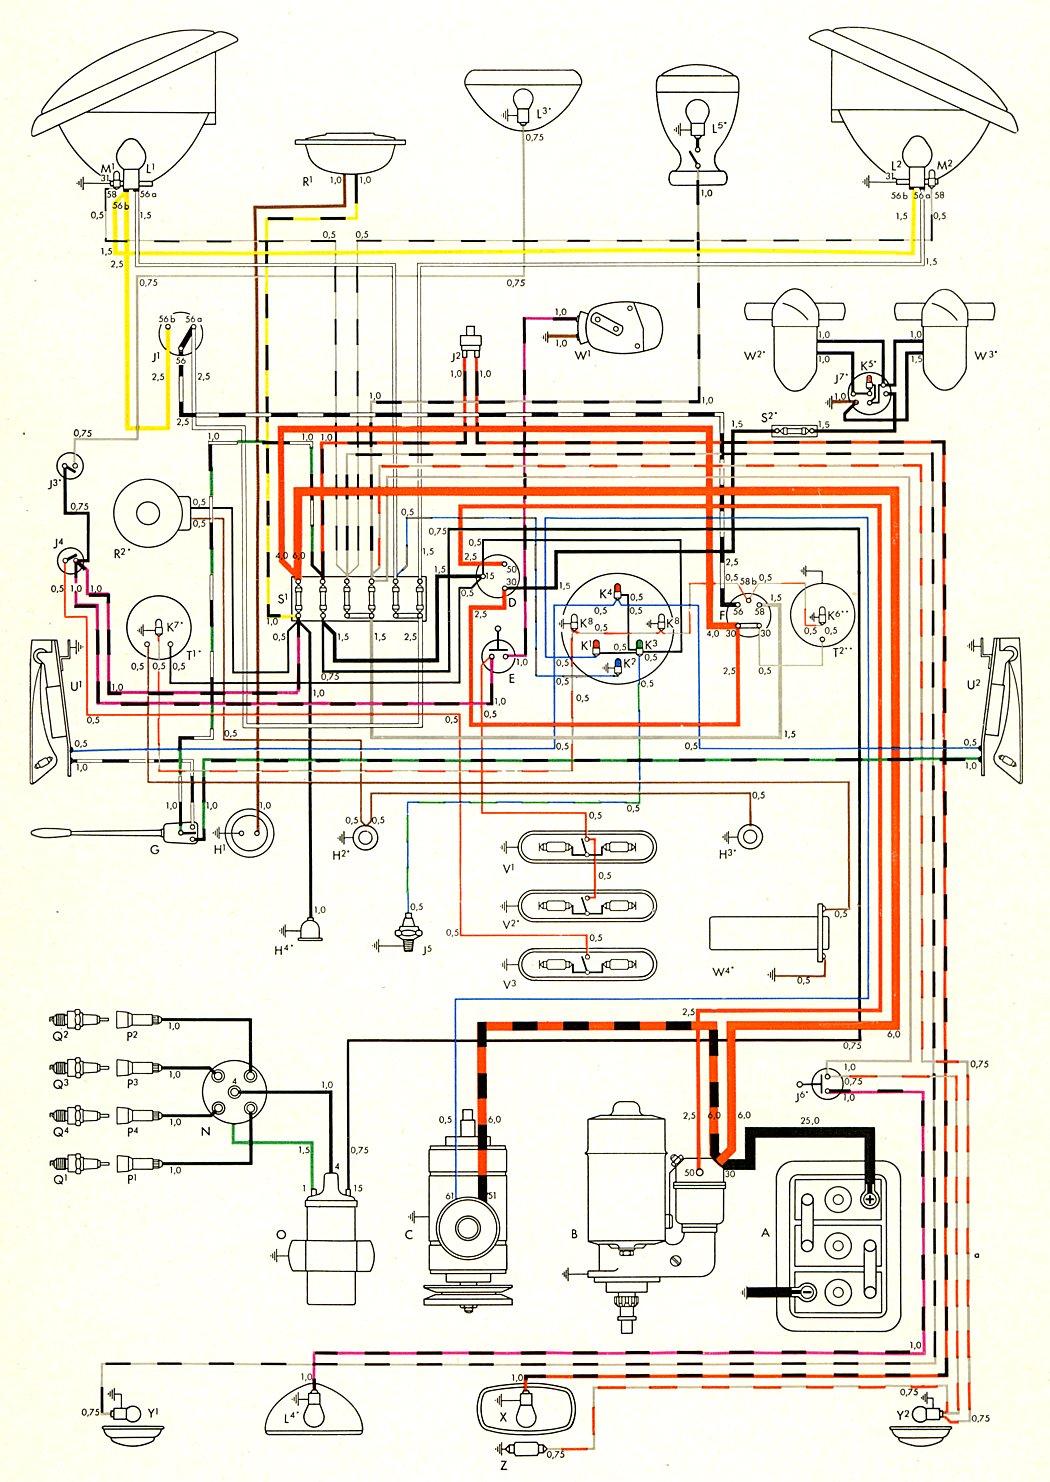 1971 vw transporter wiring diagram